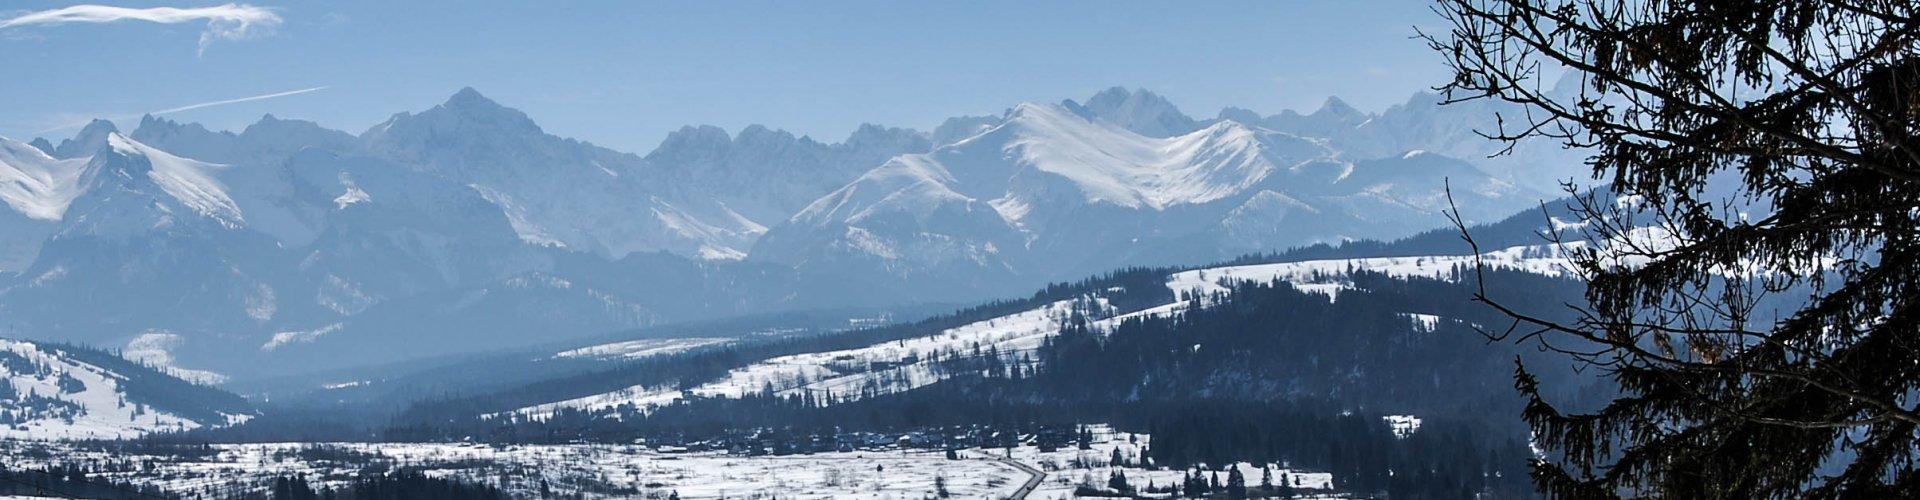 Cennik Tatry Super Ski